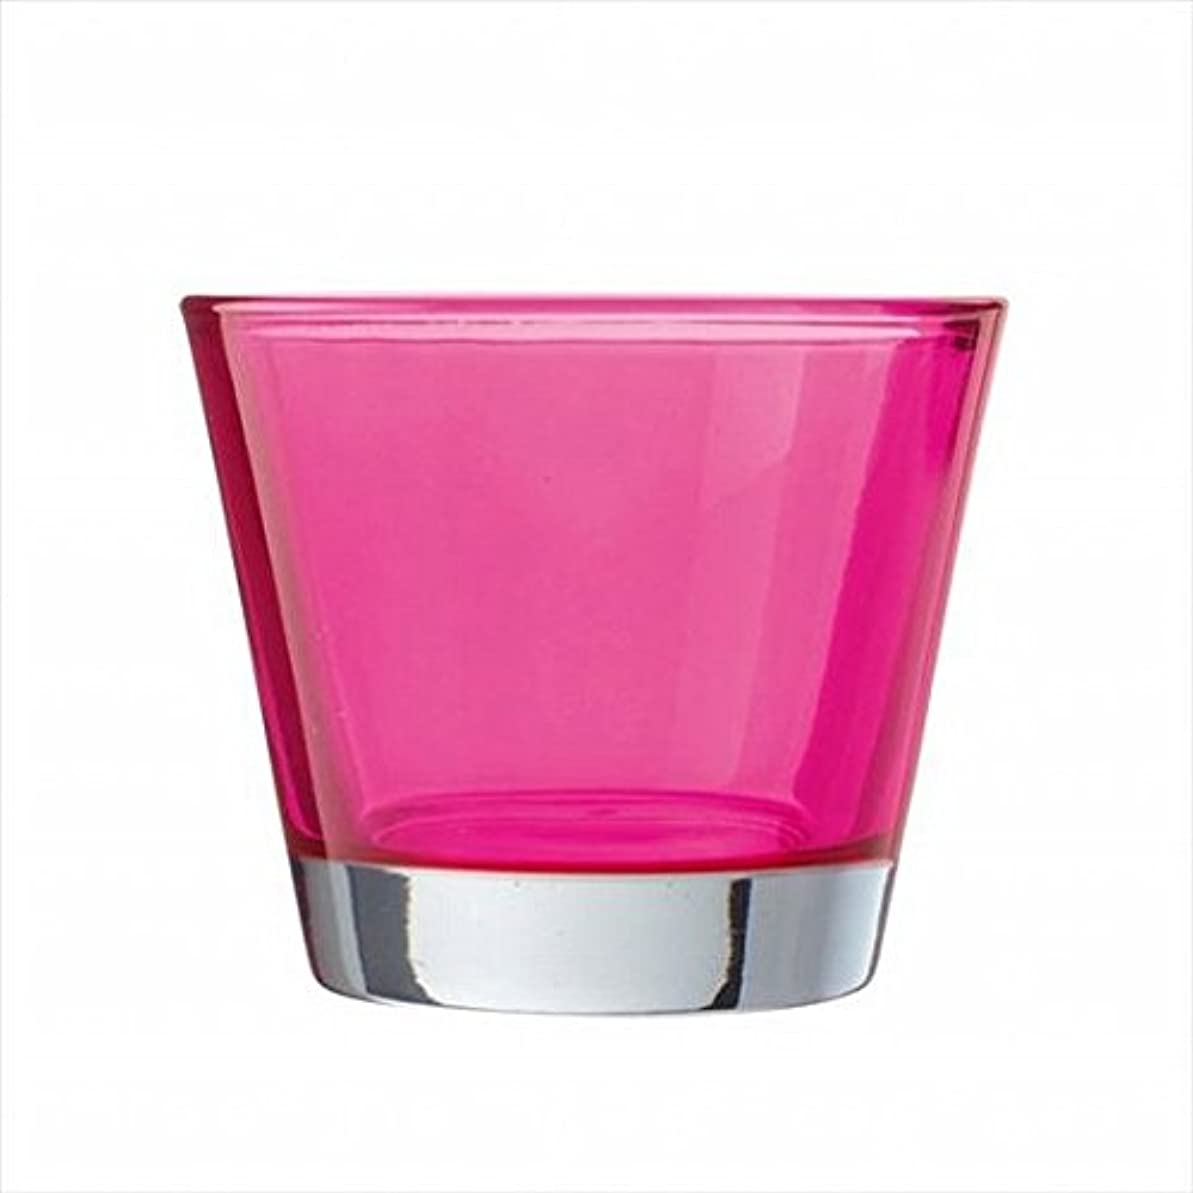 バックグラウンド調和のとれた崖kameyama candle(カメヤマキャンドル) カラリス 「 ピンク 」 キャンドル 82x82x70mm (J2540000PK)